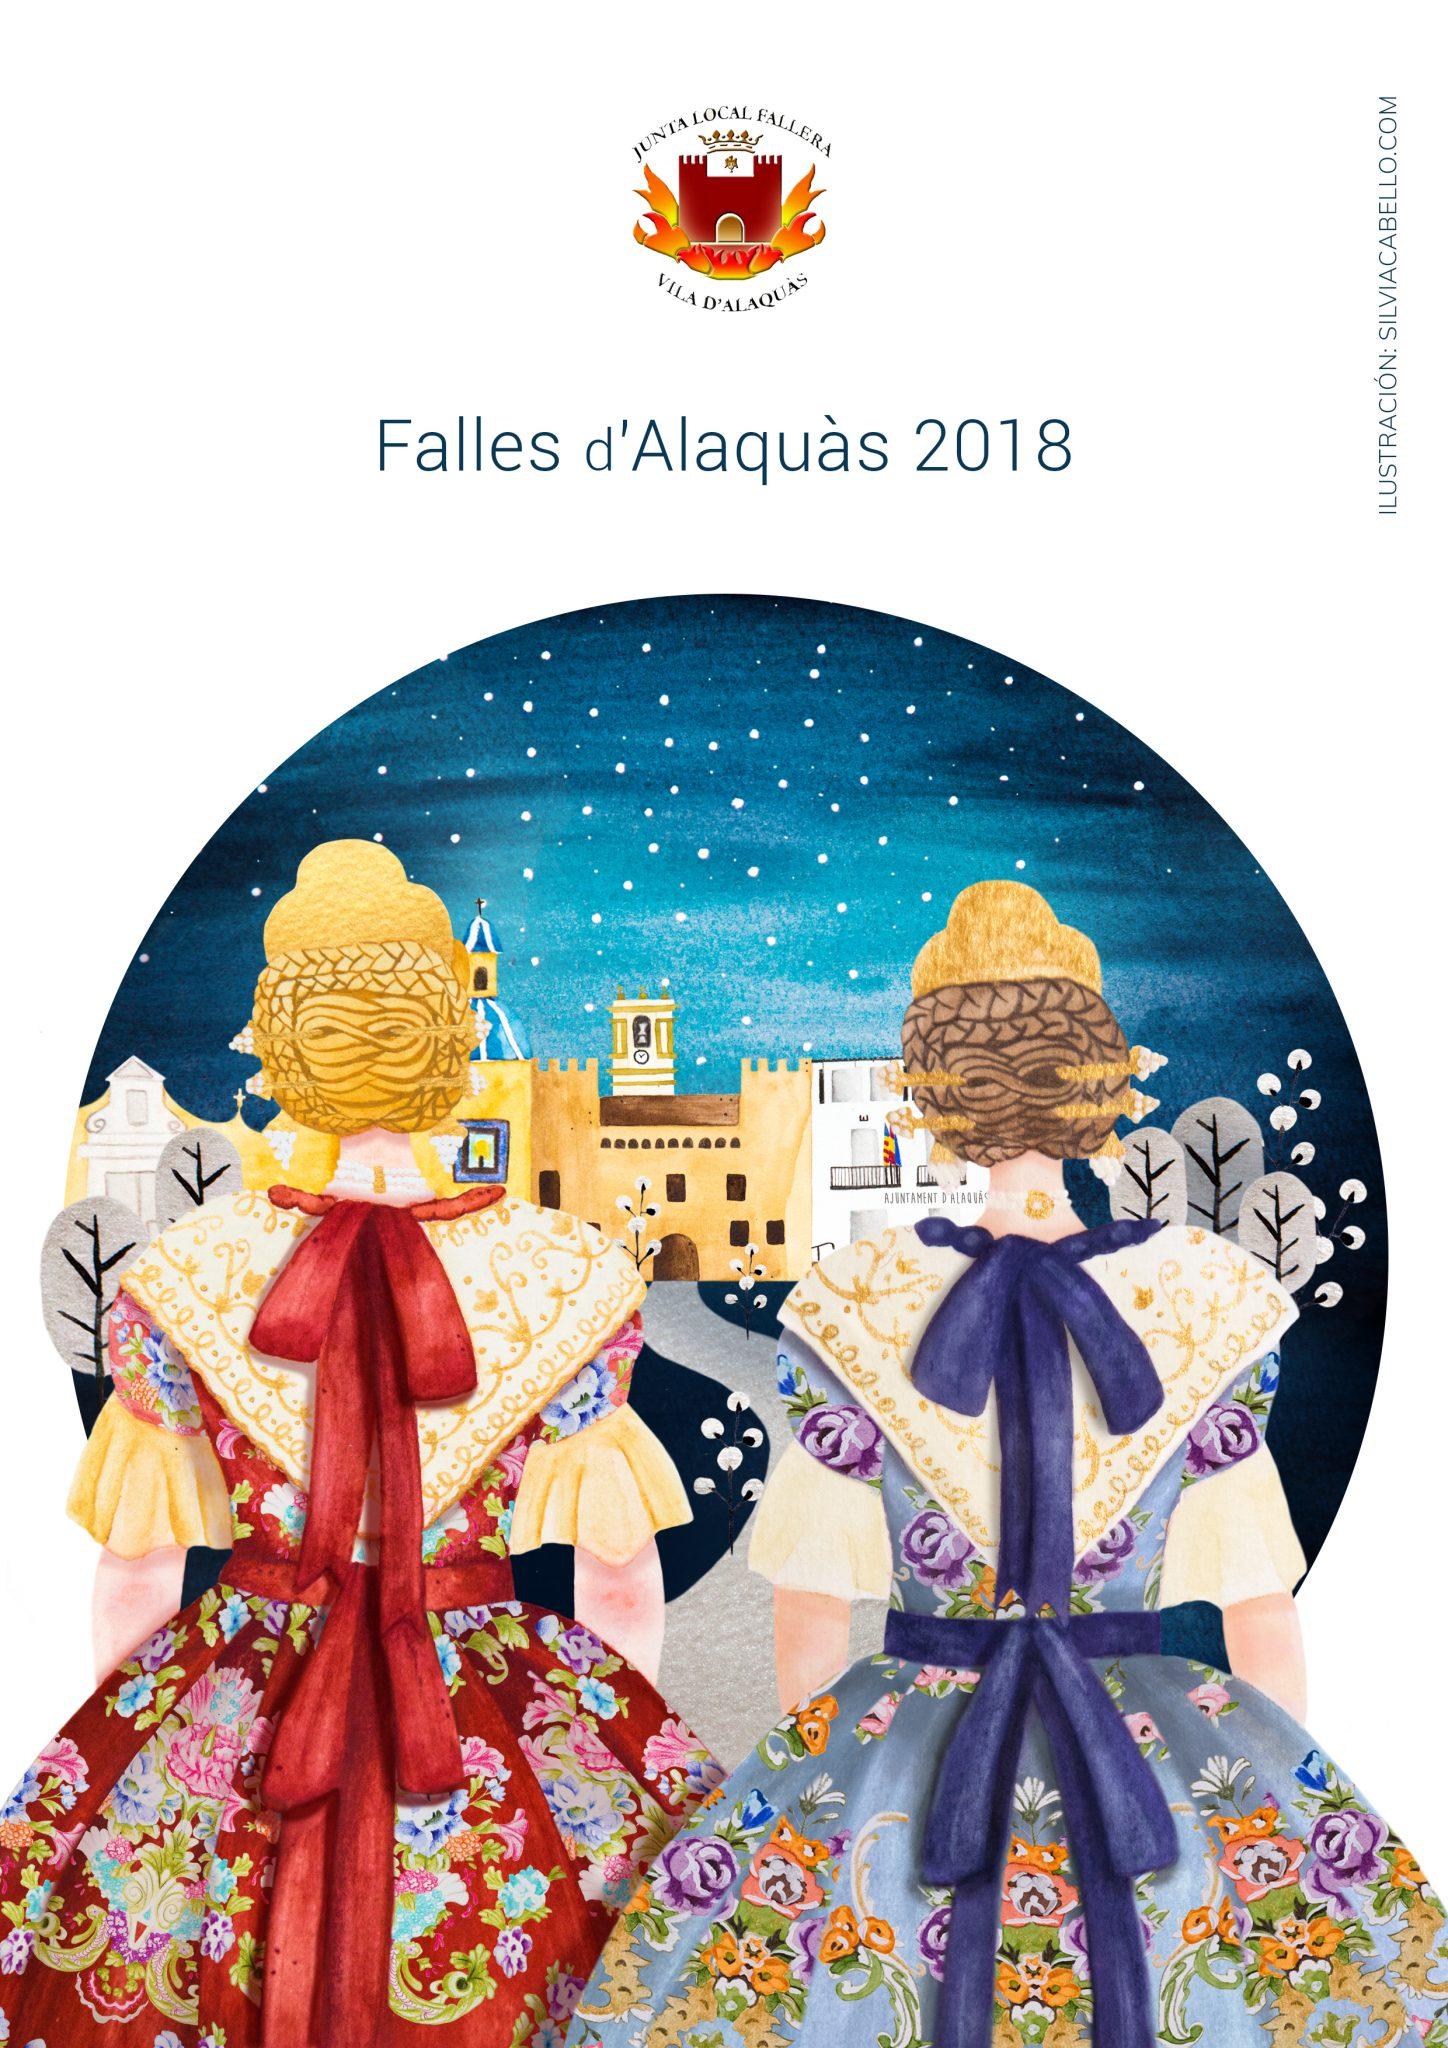 book cover fallas valencia traditional dresses